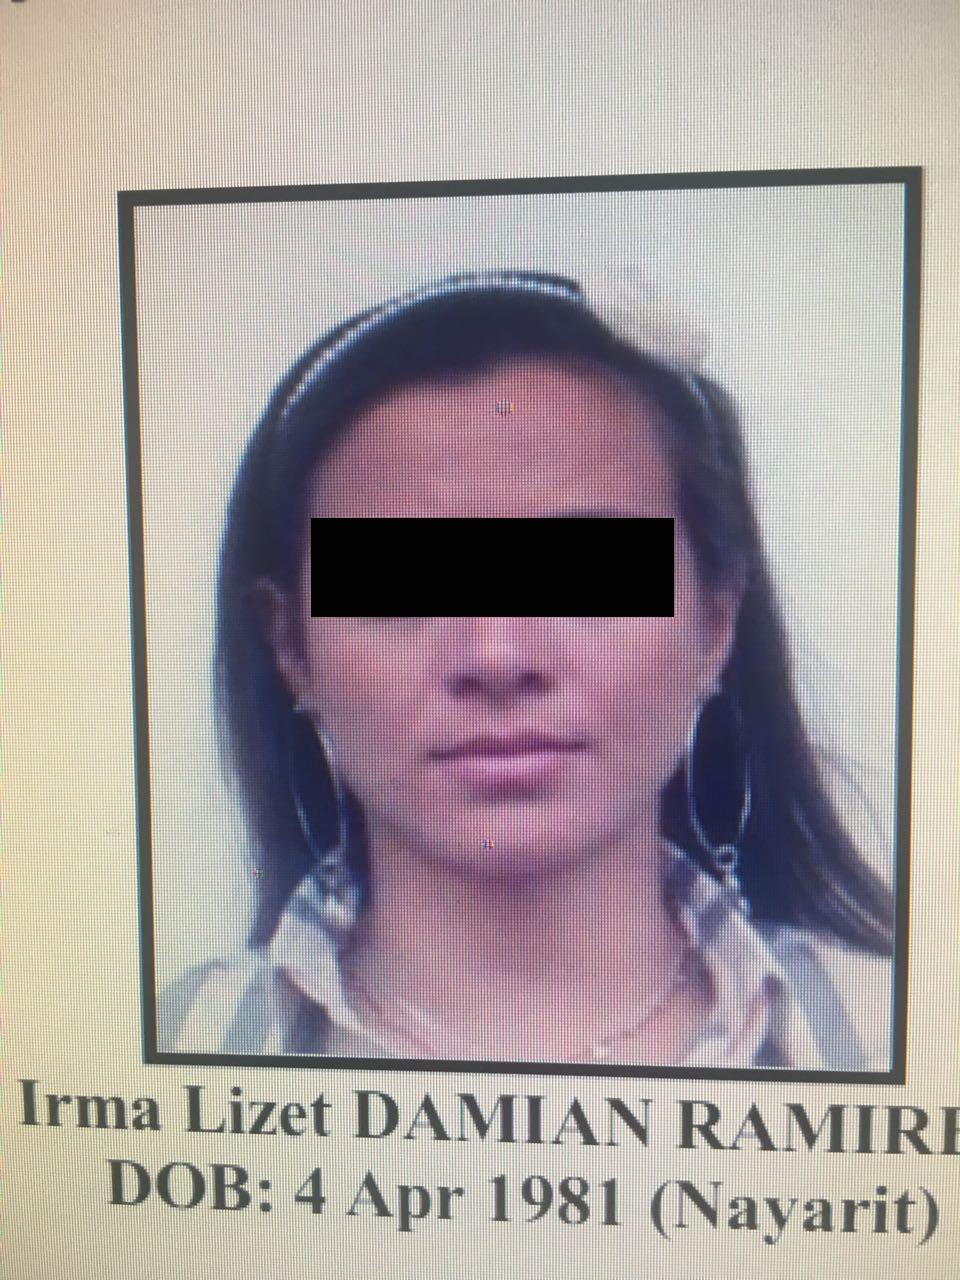 Lo mismo hizo, un poco antes, Irma Lizeth Damián Ramírez, originaria de Nayarit, nacida el 4 de abril de 1981, bajo el número de expediente 1313/2017.